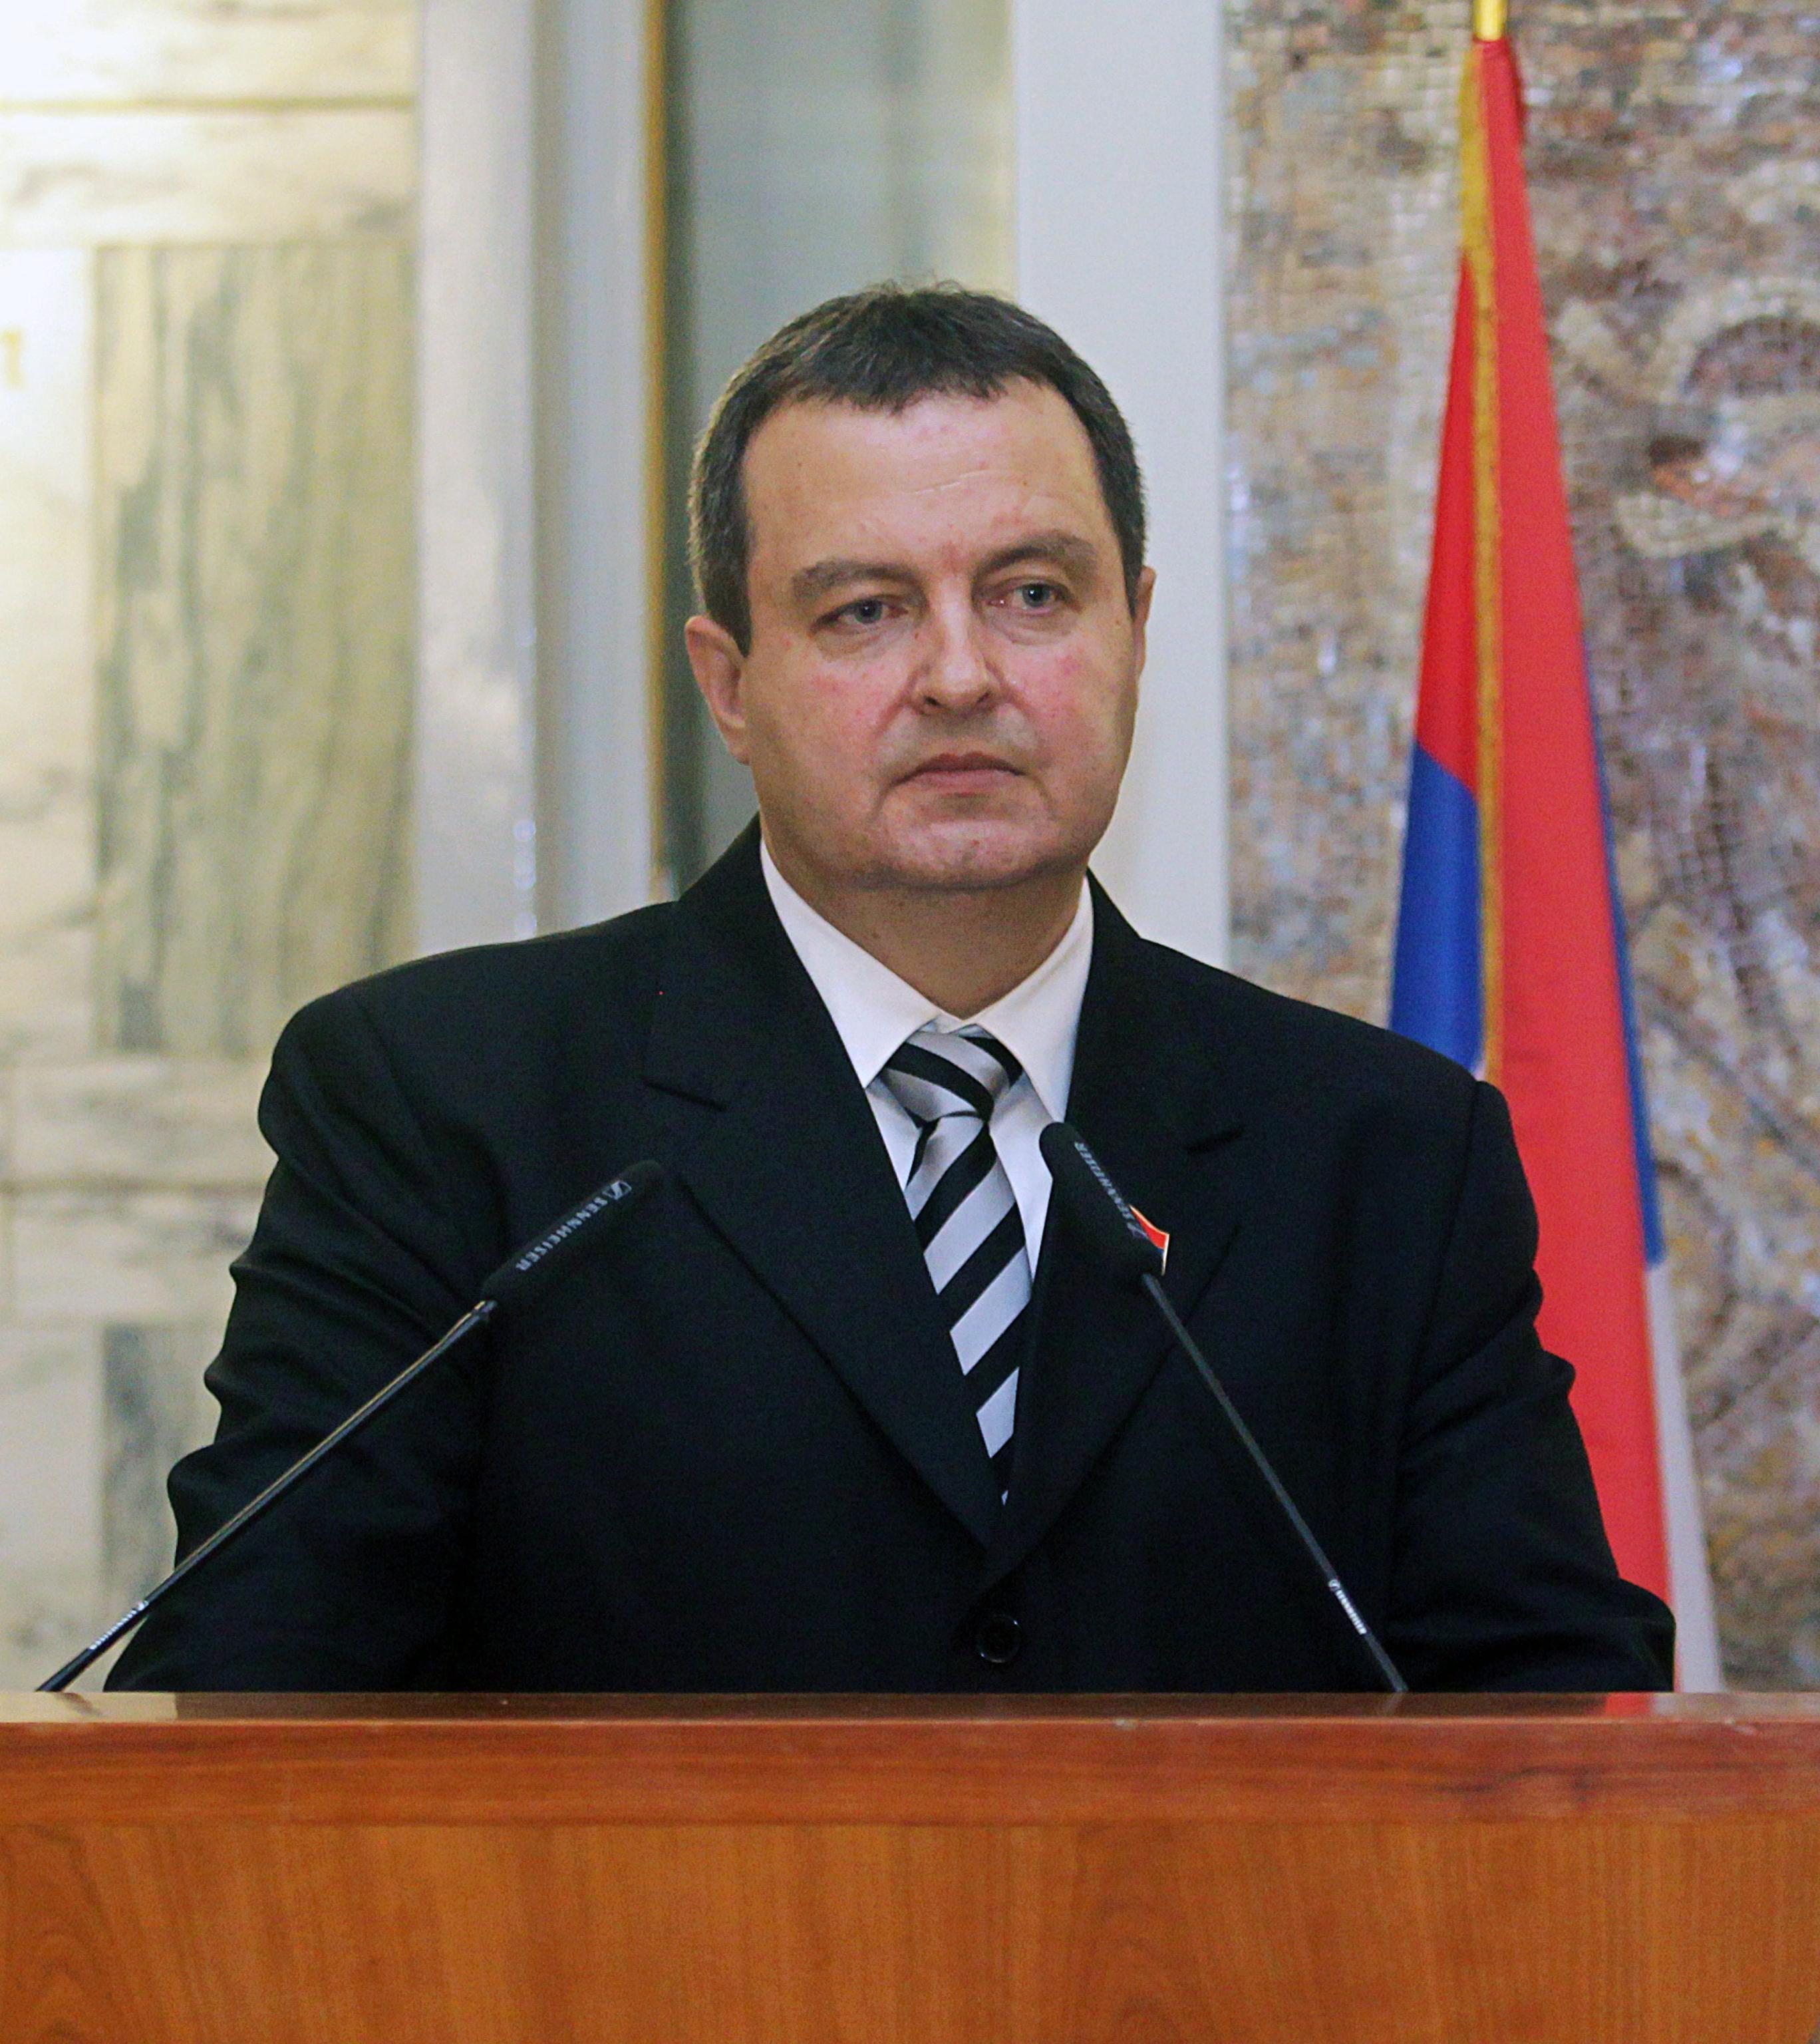 Ивица Дачич, министър на външните работи на Сърбия